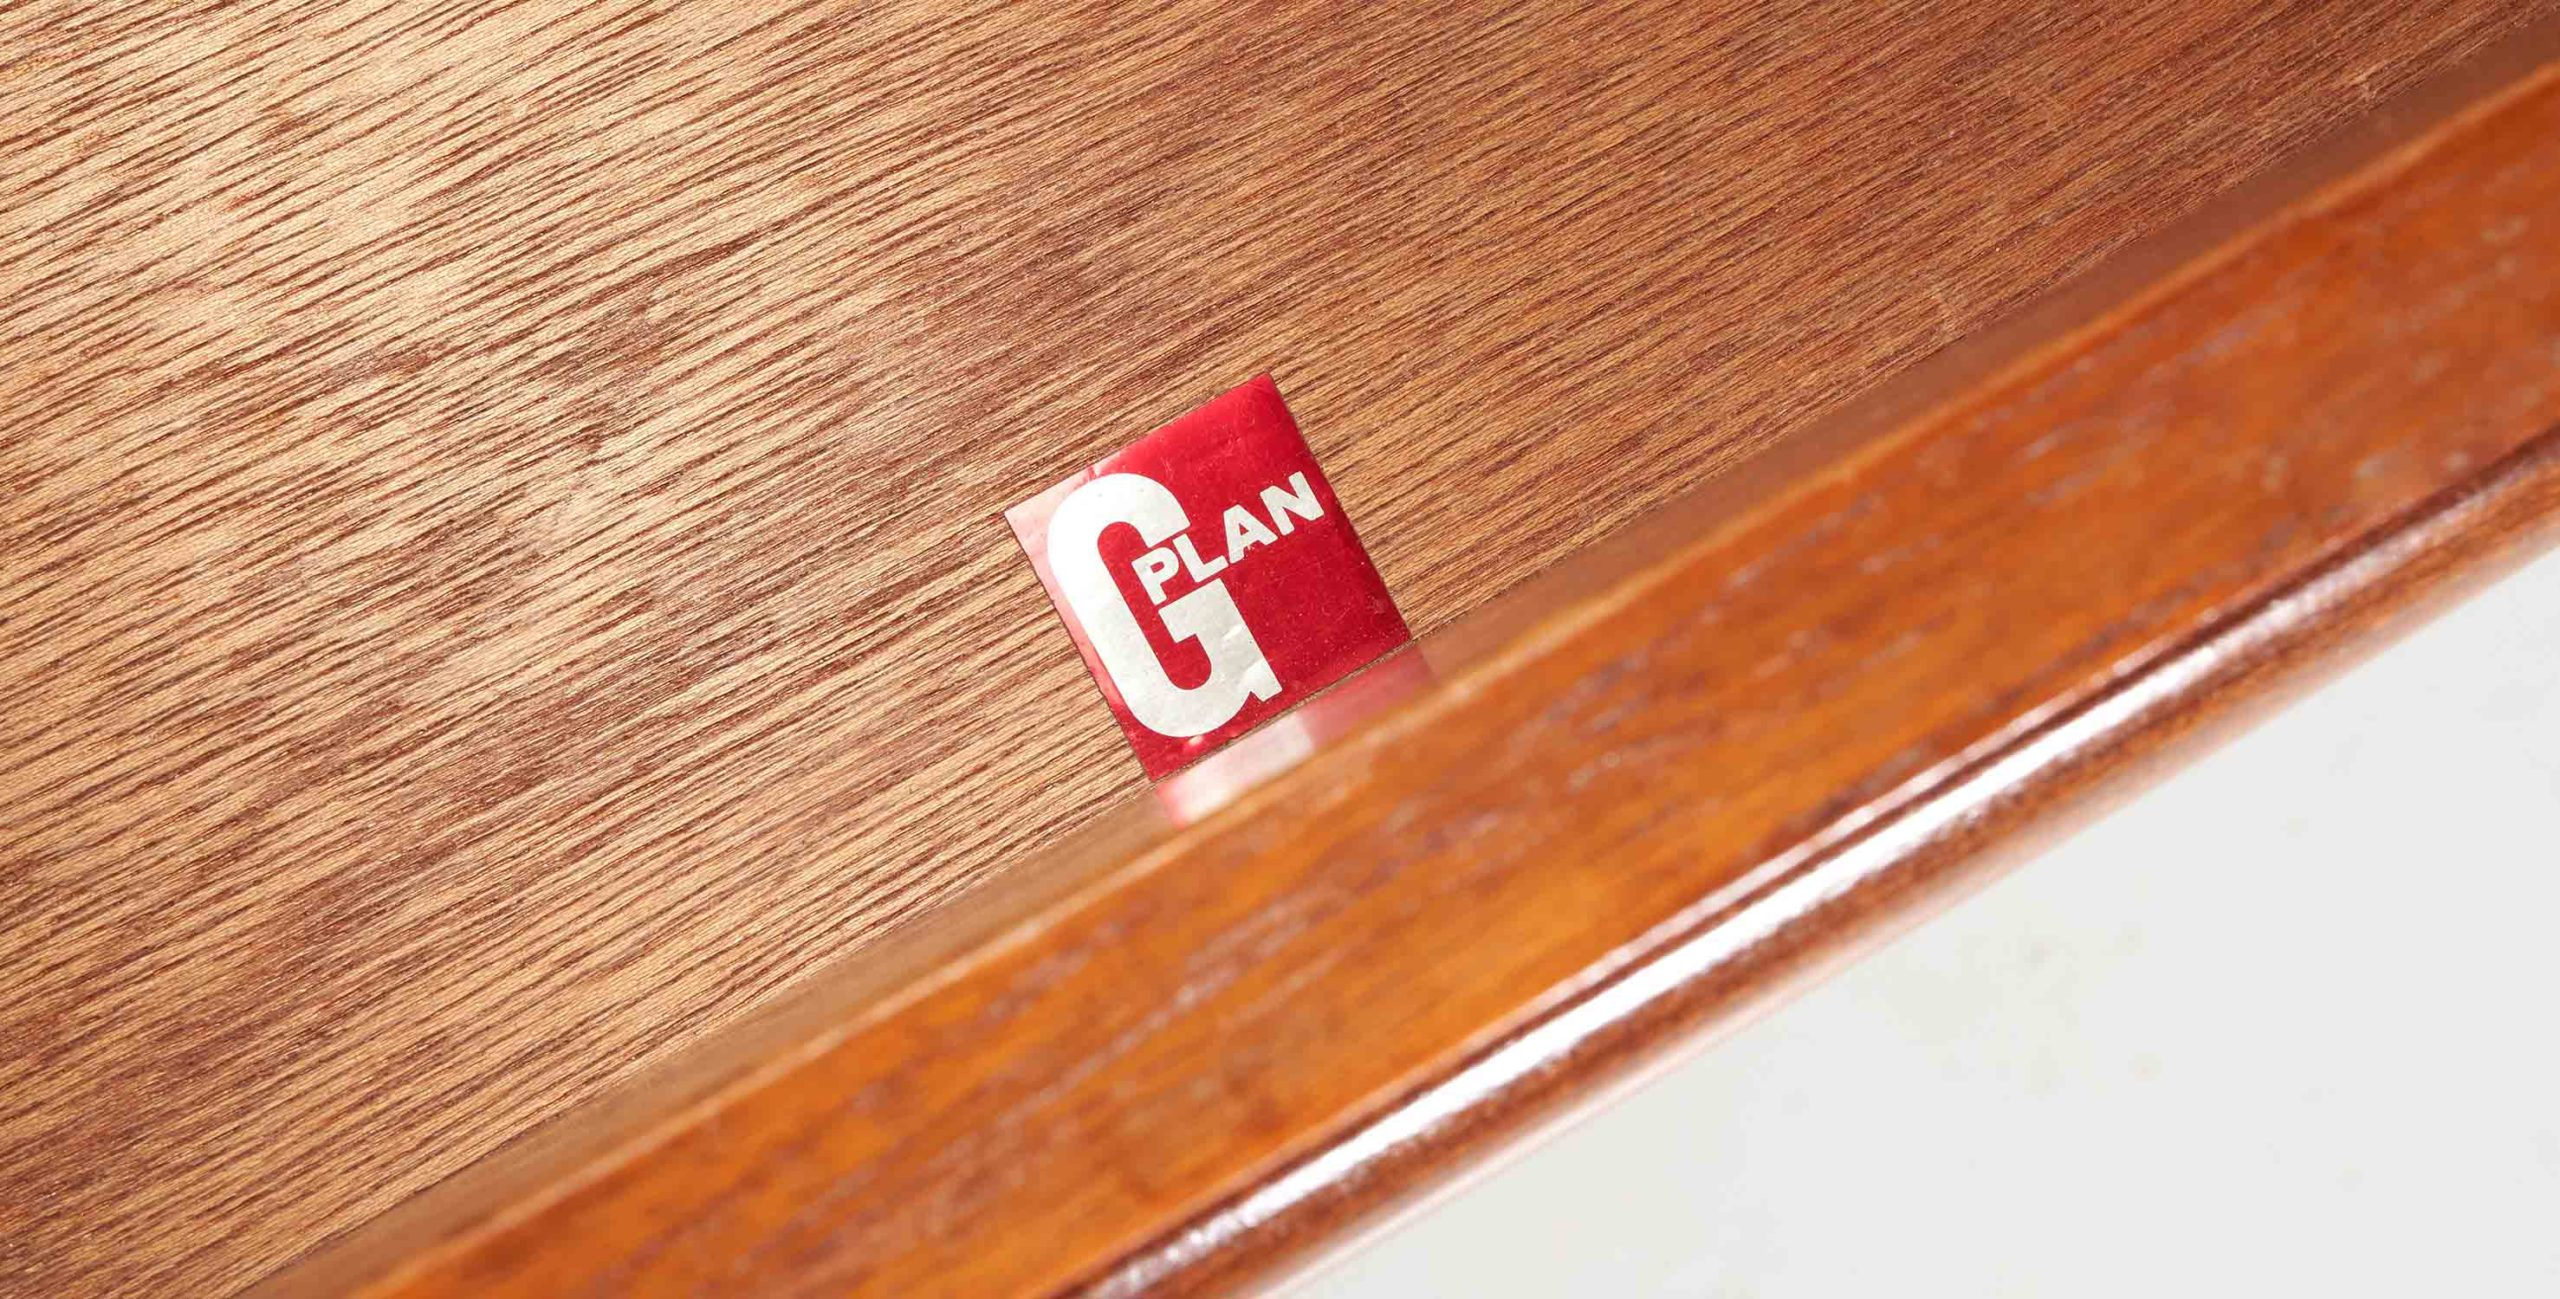 G Plan, GPlan, commode G Plan, semainier gplan, semainier scandinave, semainier danois, commode haute, commode haute vintage, semainier vintage, commode haute g plan, commode haute scandinave